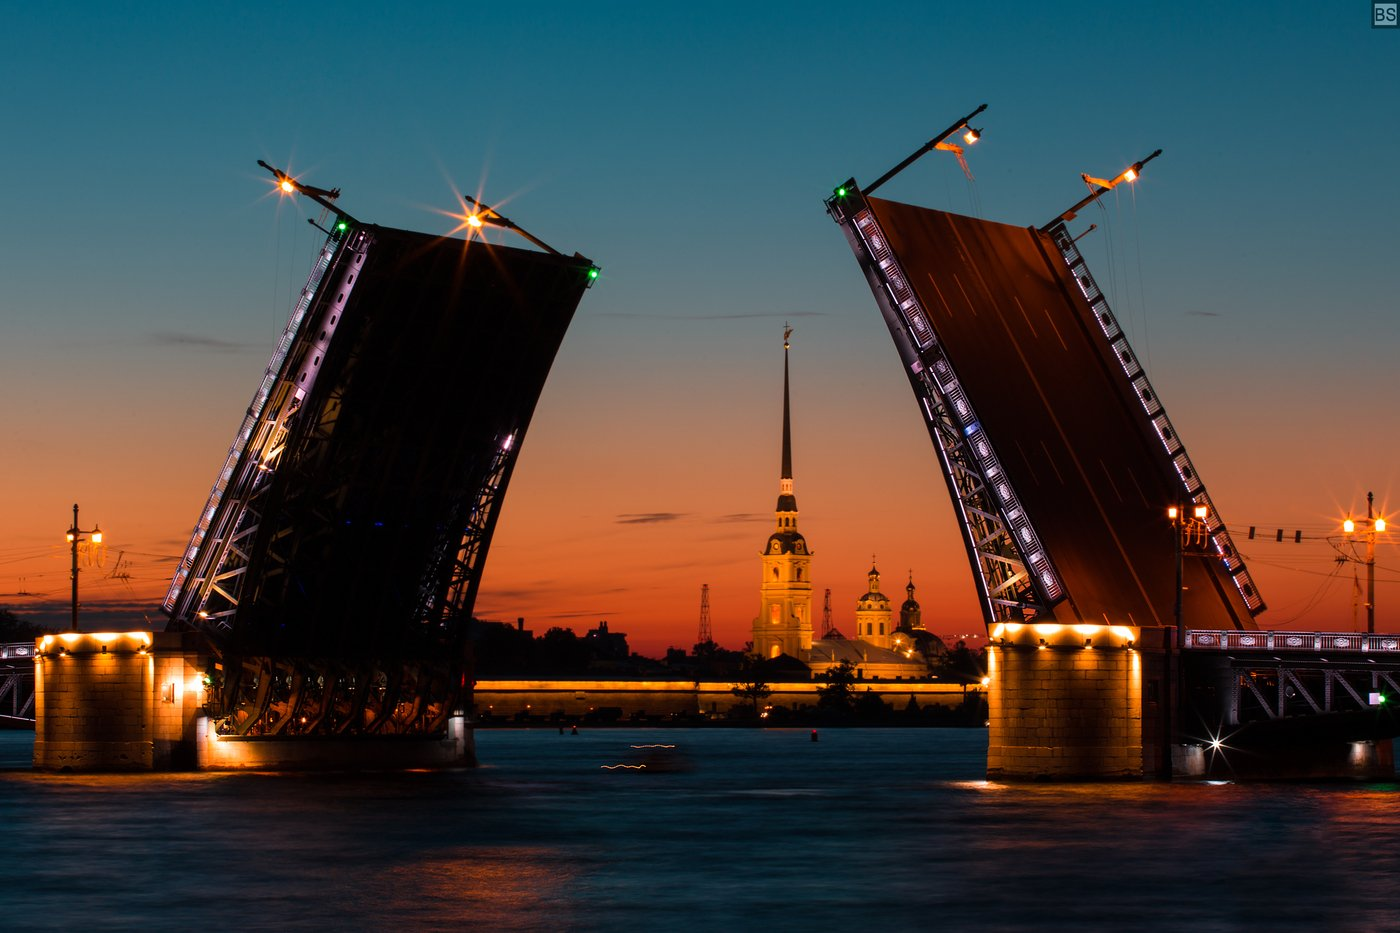 частности, разведение мостов в санкт петербурге фото украшения, новогодние прилавки